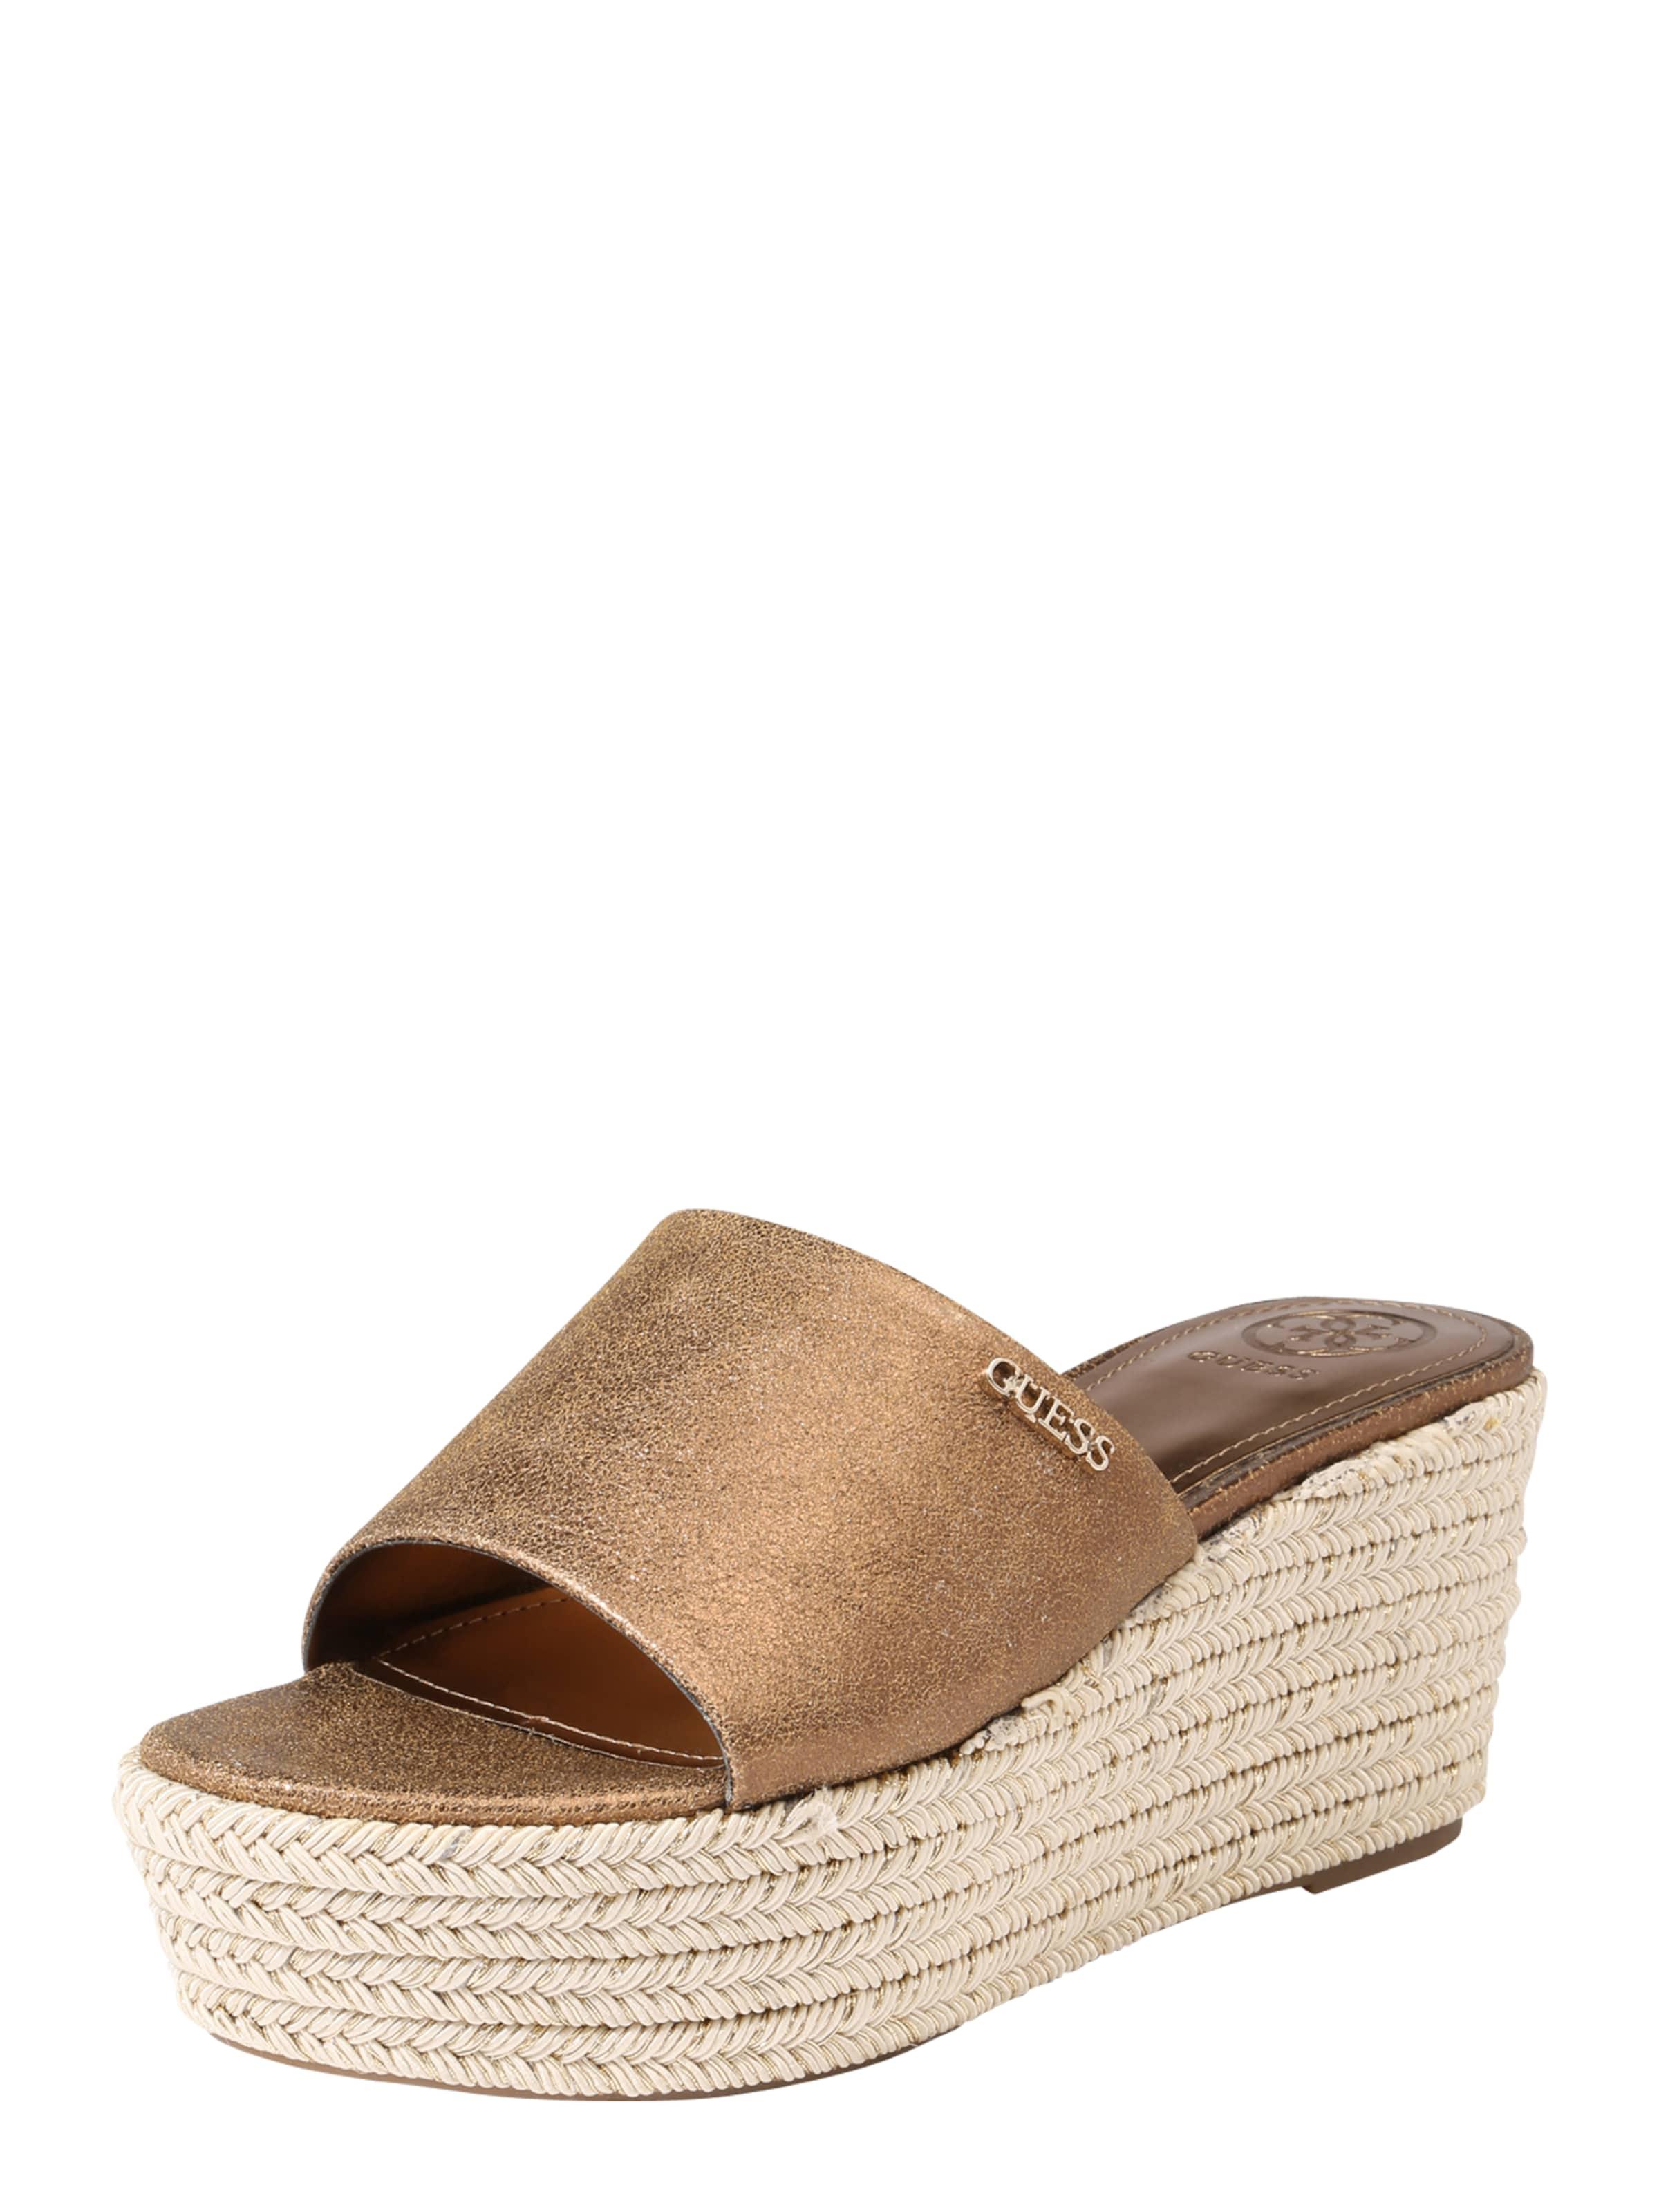 Haltbare Mode billige Schuhe GUESS | Plateau-Slides 'LENORE2' Schuhe Gut getragene Schuhe